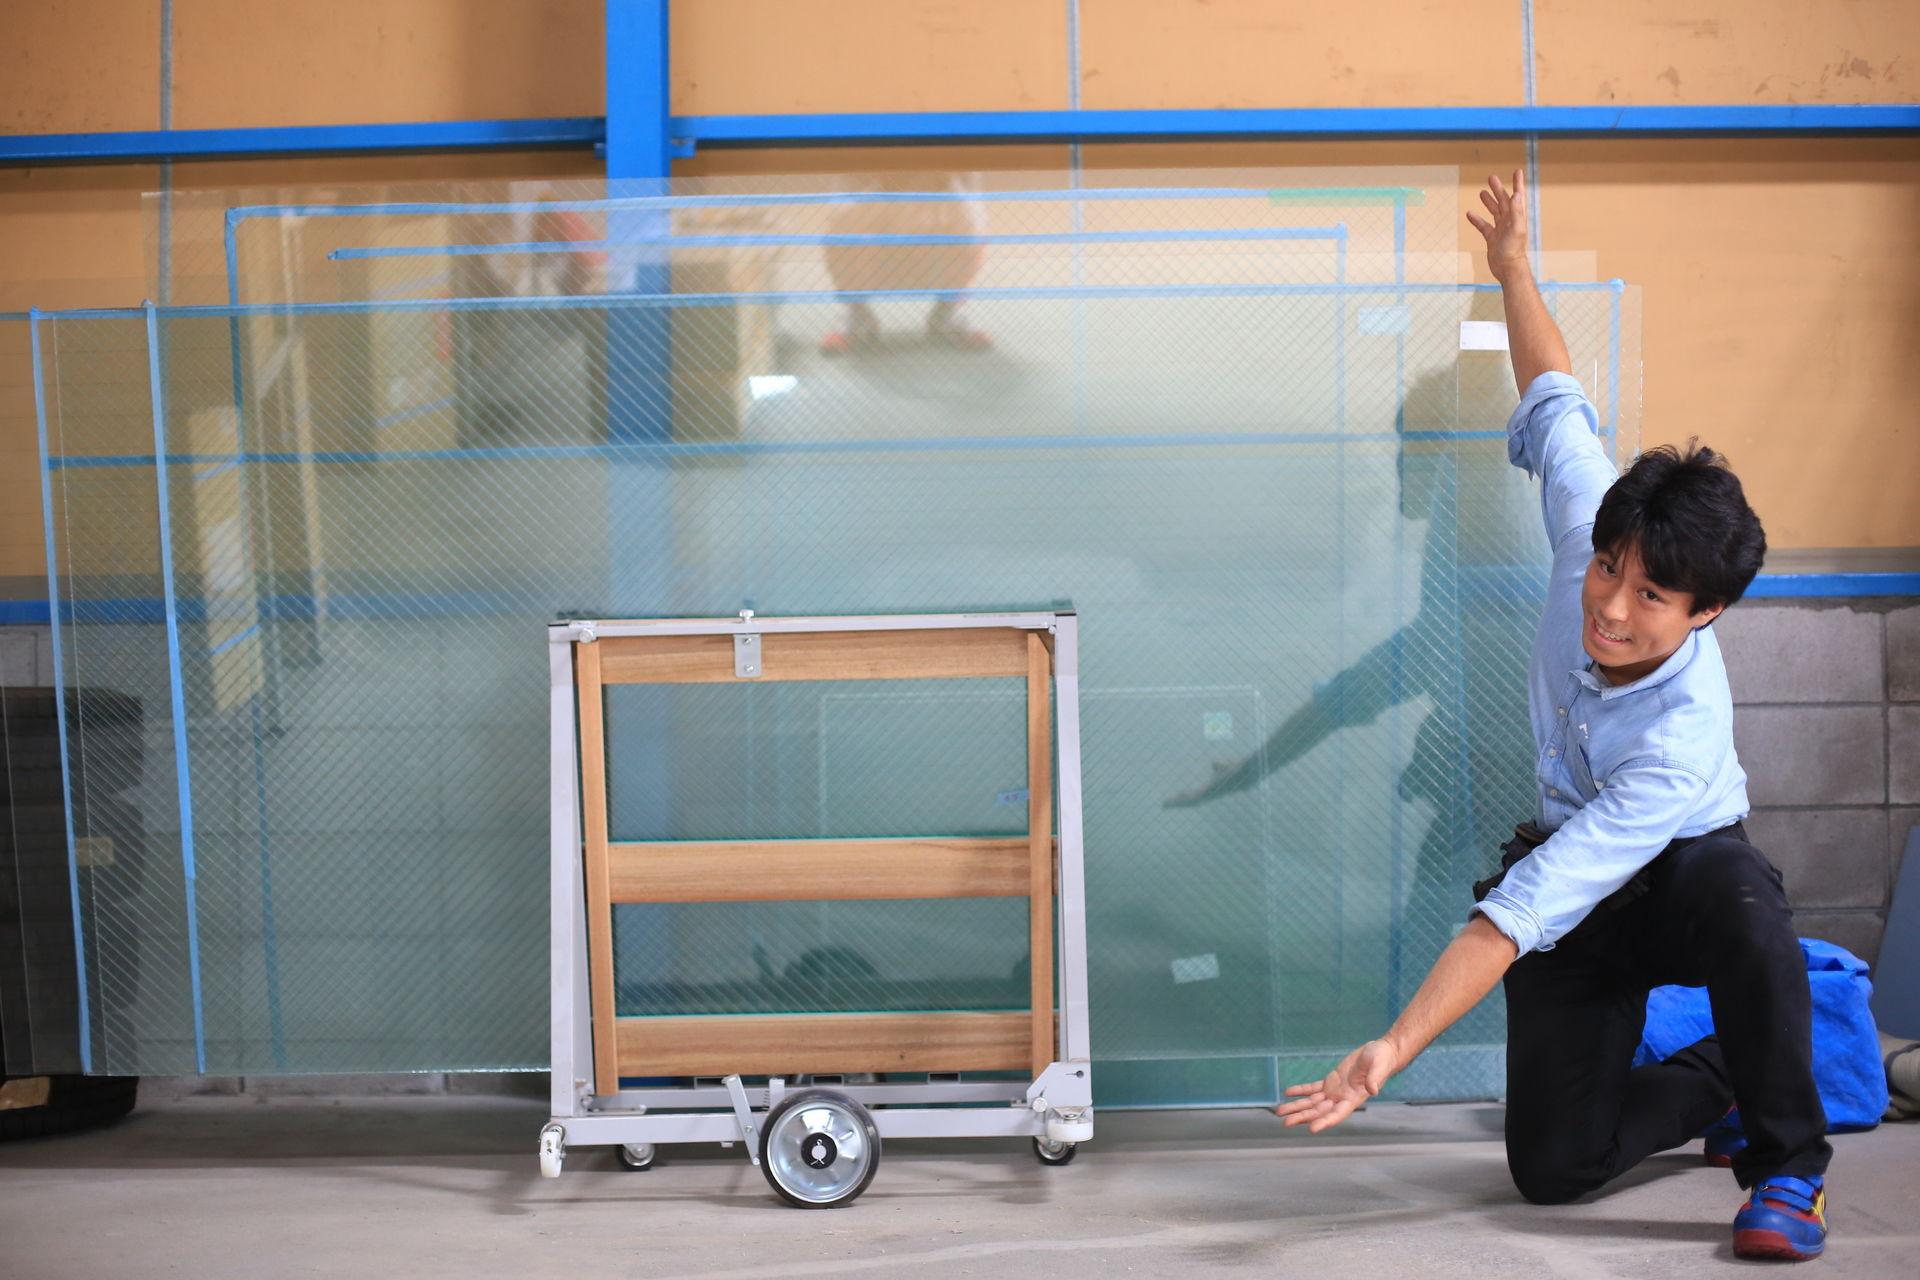 ガラスのトラブル救急車【大阪市鶴見区 出張エリア】のメイン画像